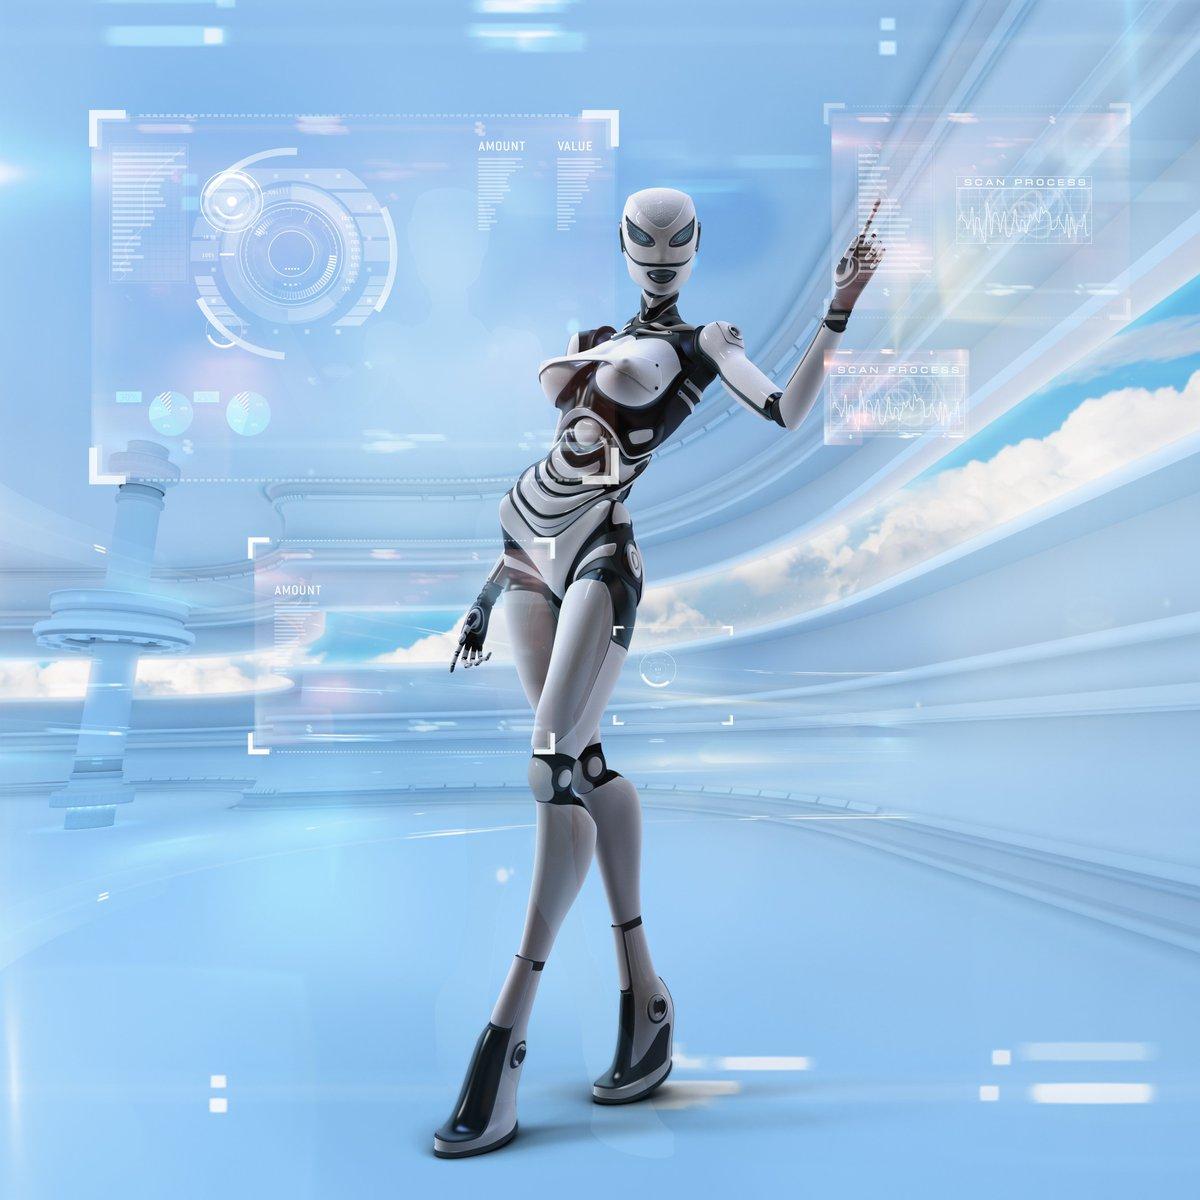 tirdzniecības robotu konsultants)